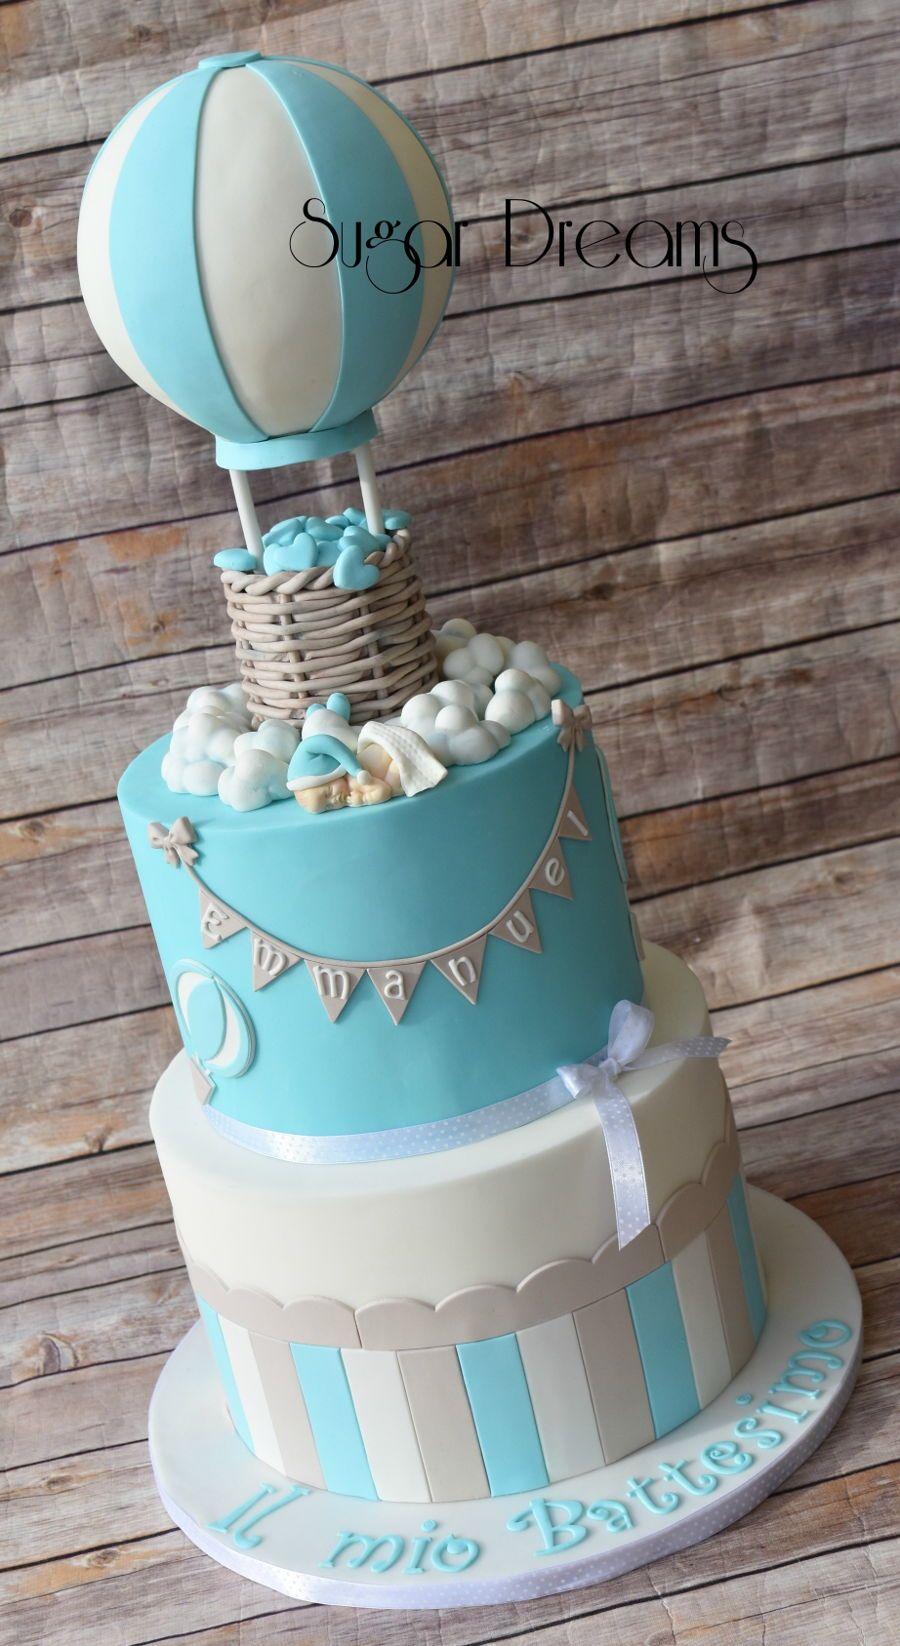 Hot Air Balloon S Cake Hot Air Balloon Cake Hot Air Ballon Baby